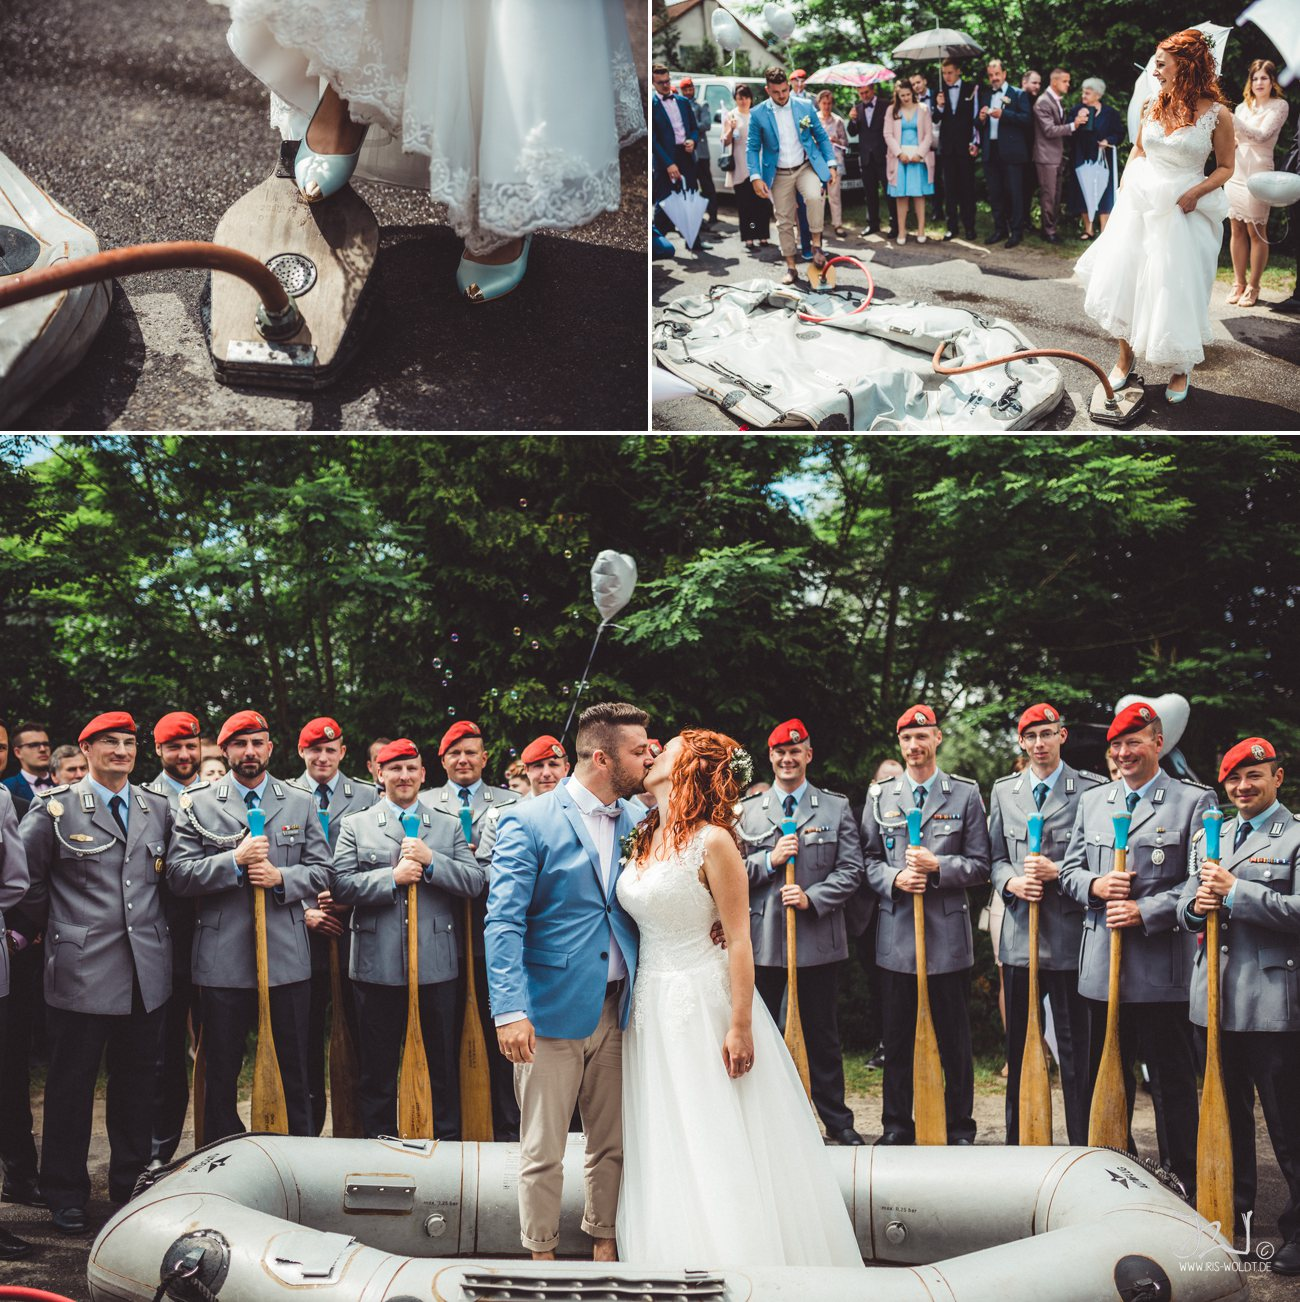 Hochzeitsfotograf_Altthymen_MuehleTornow_IrisWoldt 51